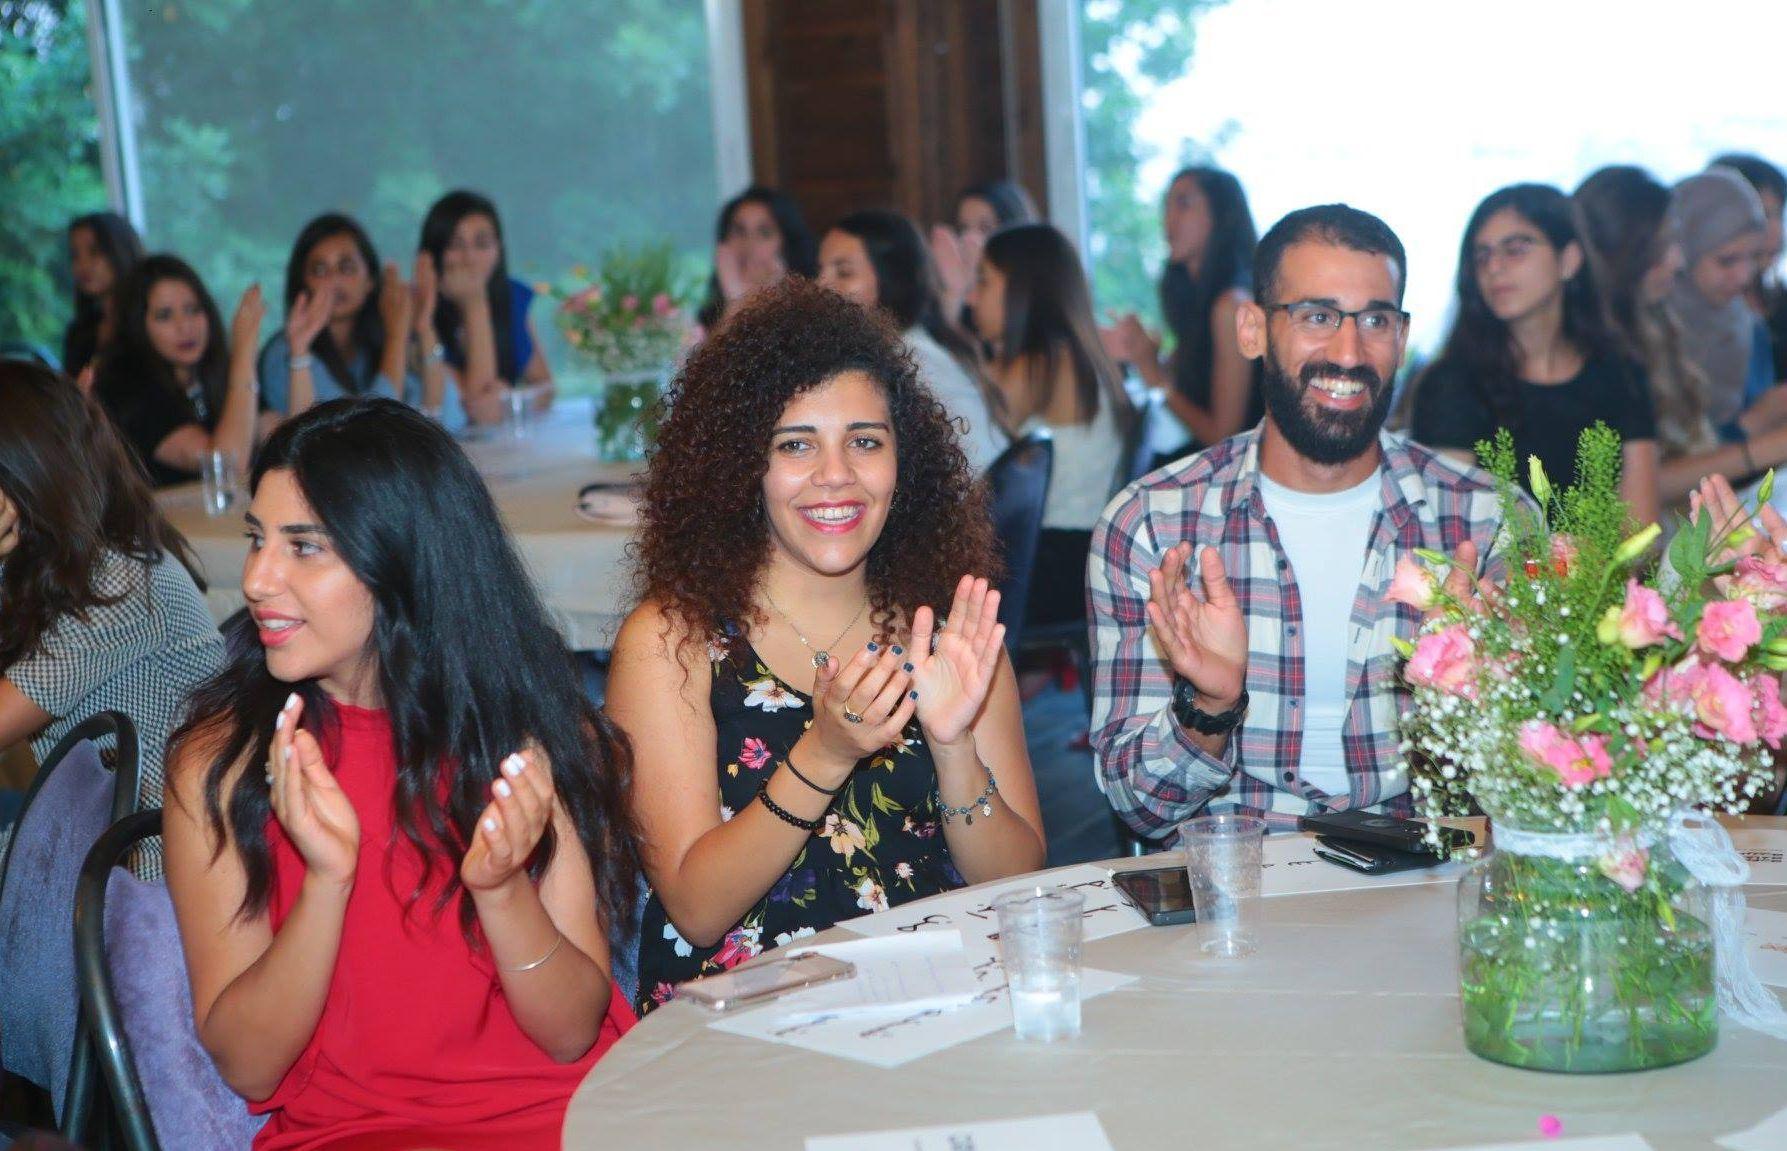 إطلاق اسم الراحلة روضة عطالله على برنامج المنح لجمعية الثقافة العربية